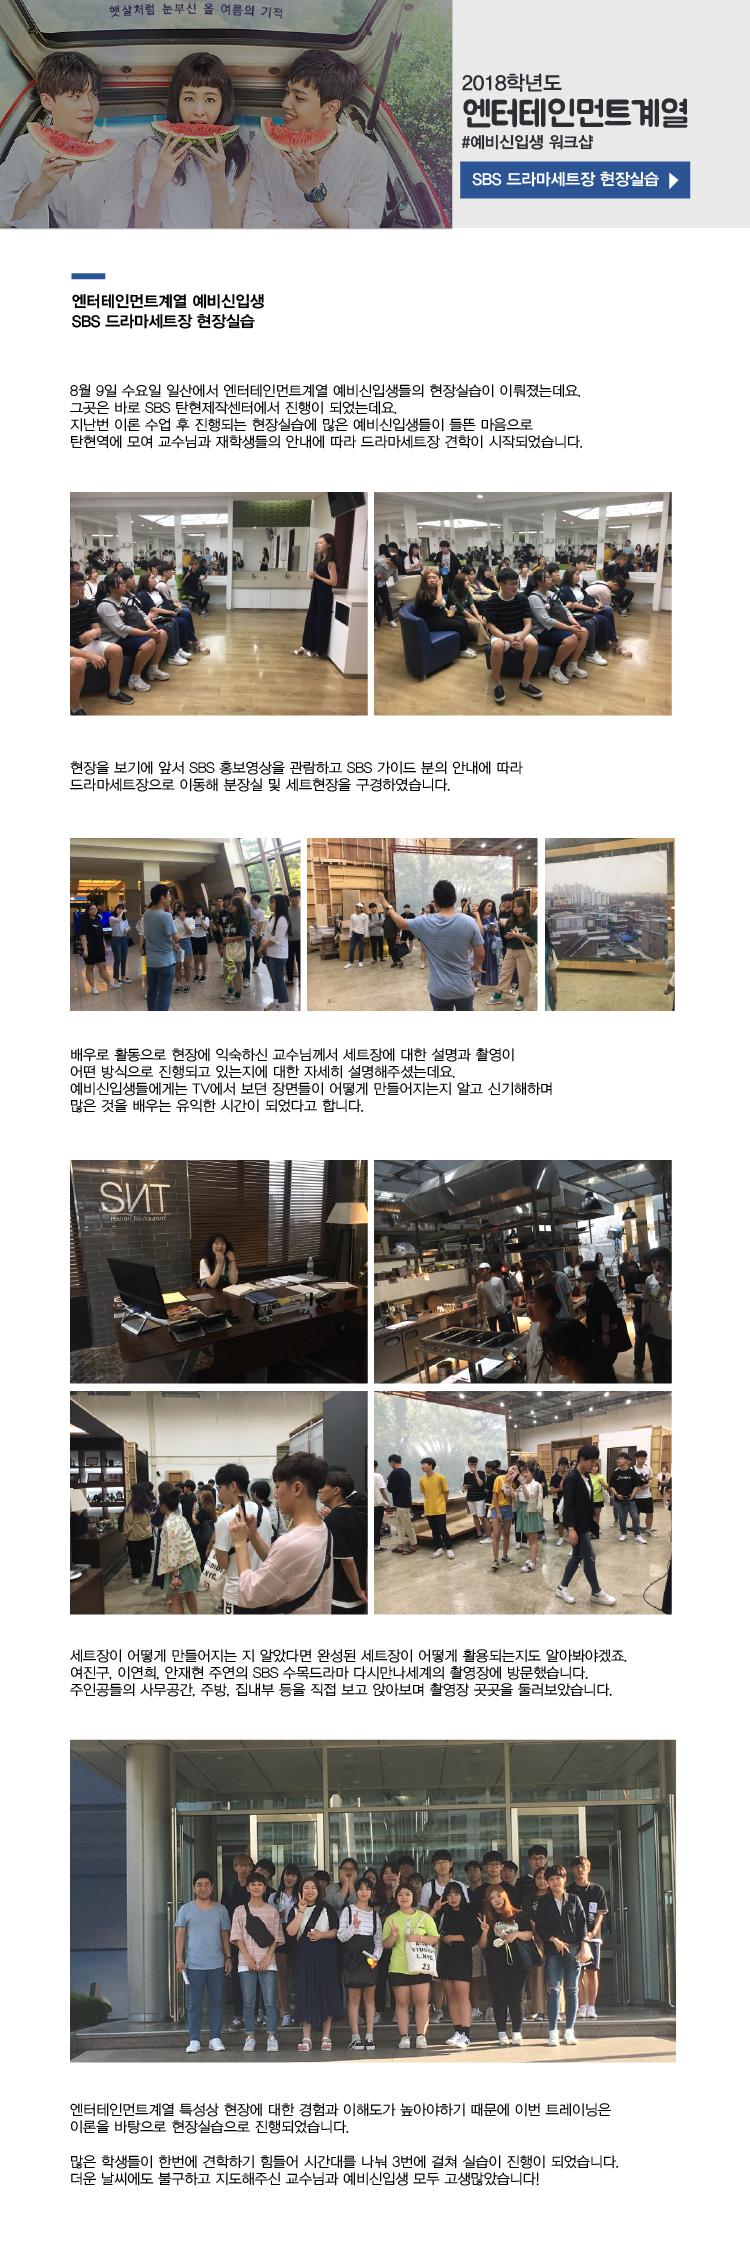 2018학년도 엔터테인먼트계열 예비신입생 트레이닝!